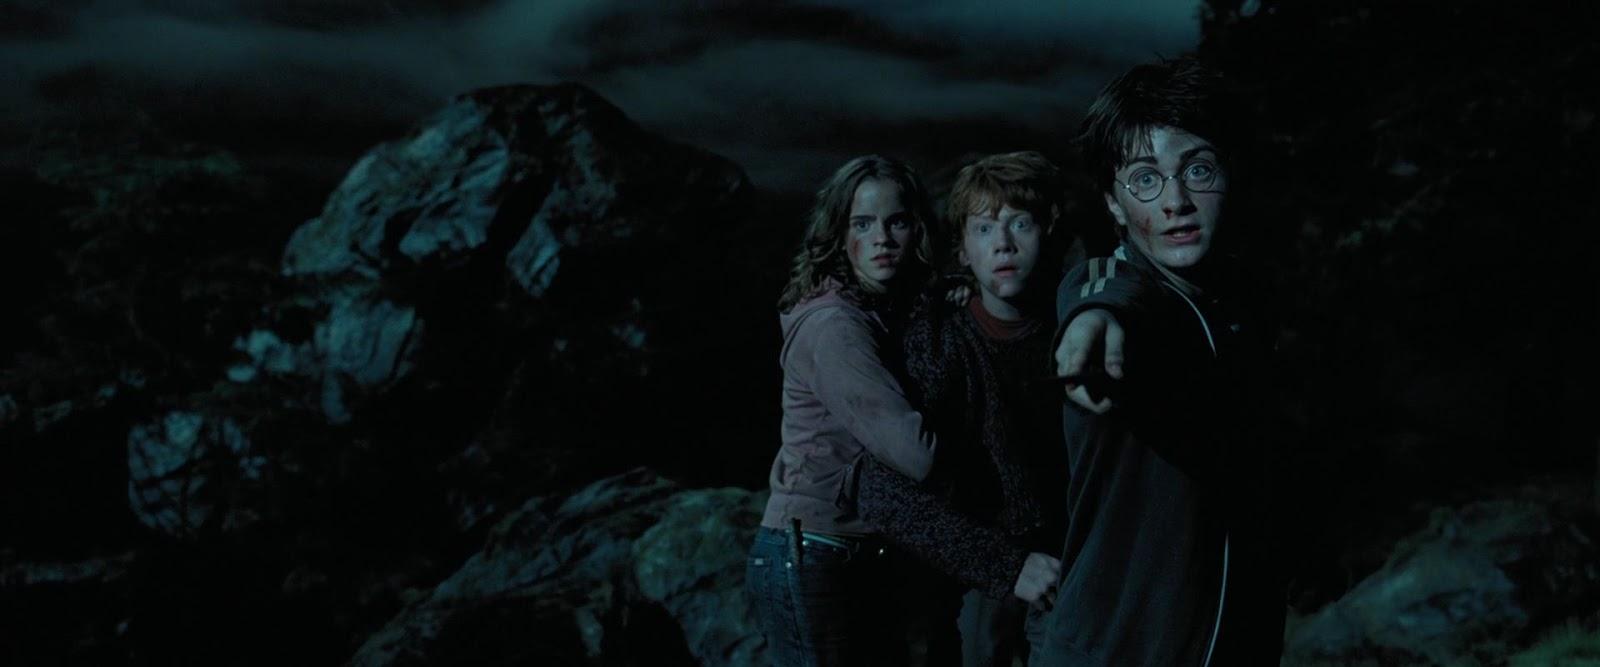 Agora no SBT: 'Harry Potter e o Prisioneiro de Azkaban' | Ordem da Fênix Brasileira